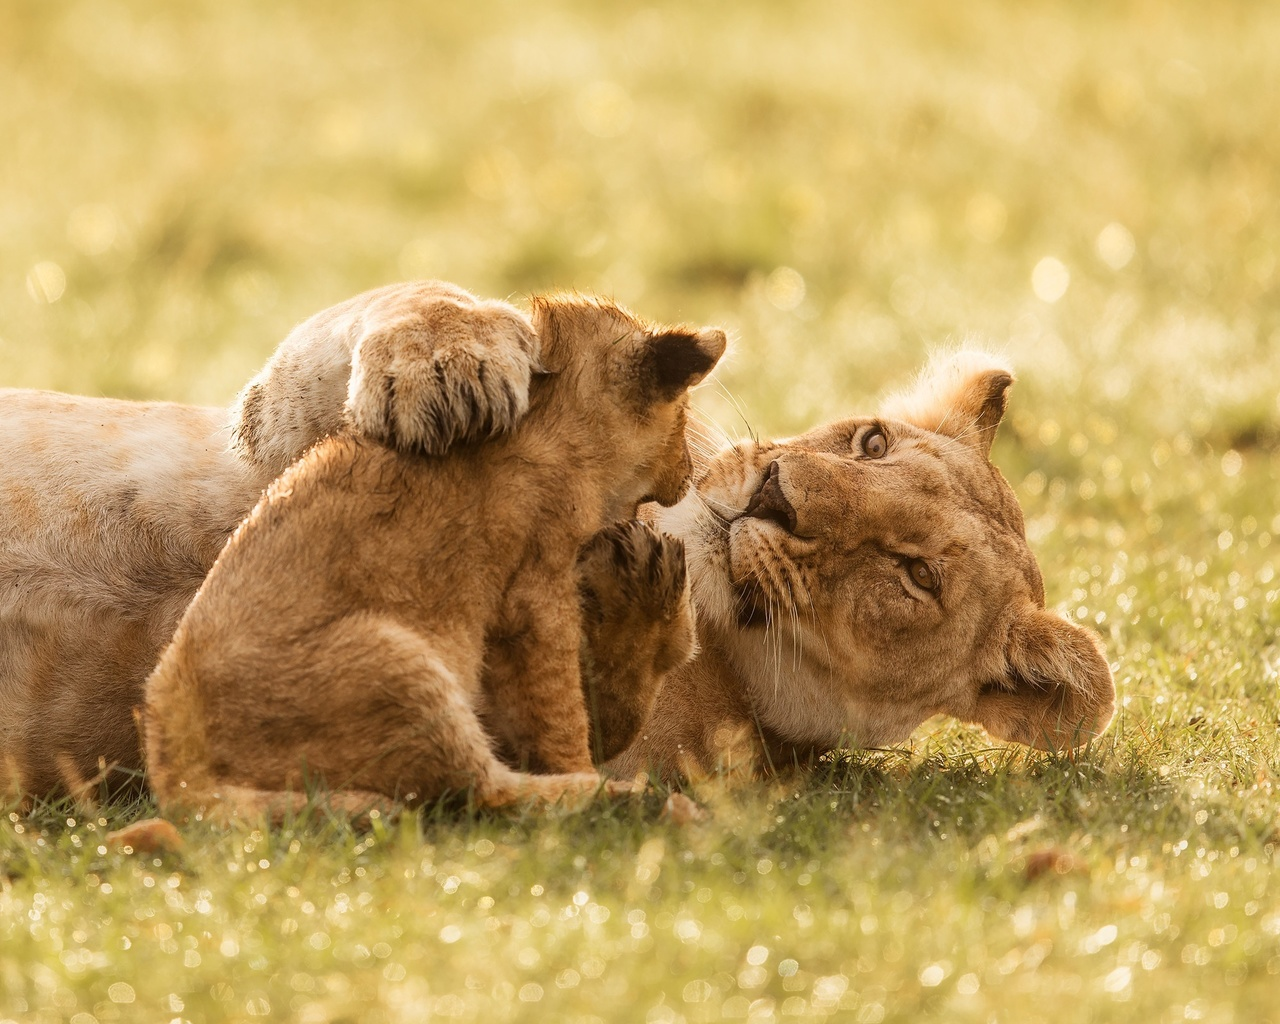 львы, львица, львенок, позитив